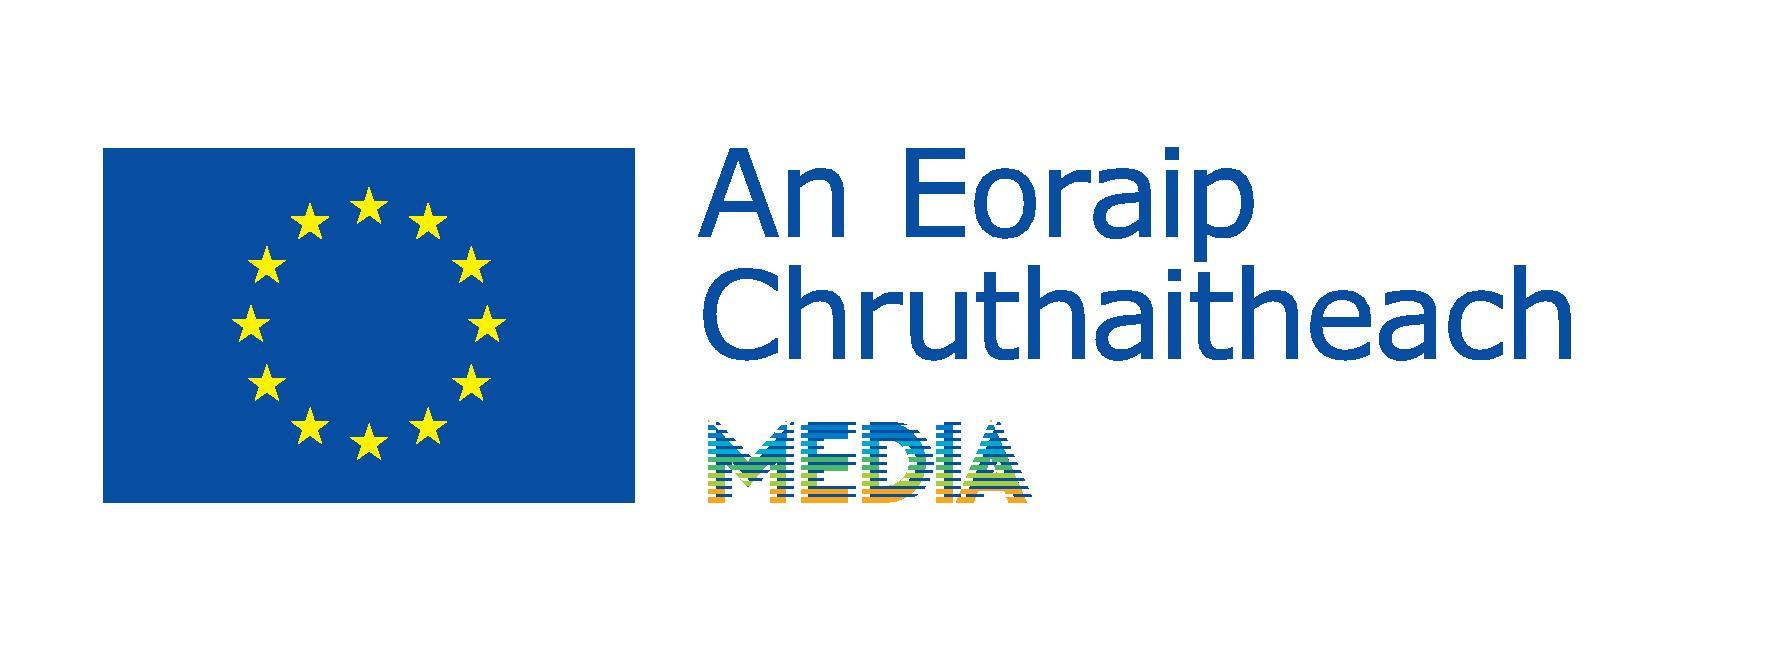 An Eoraip Chruthaitheach